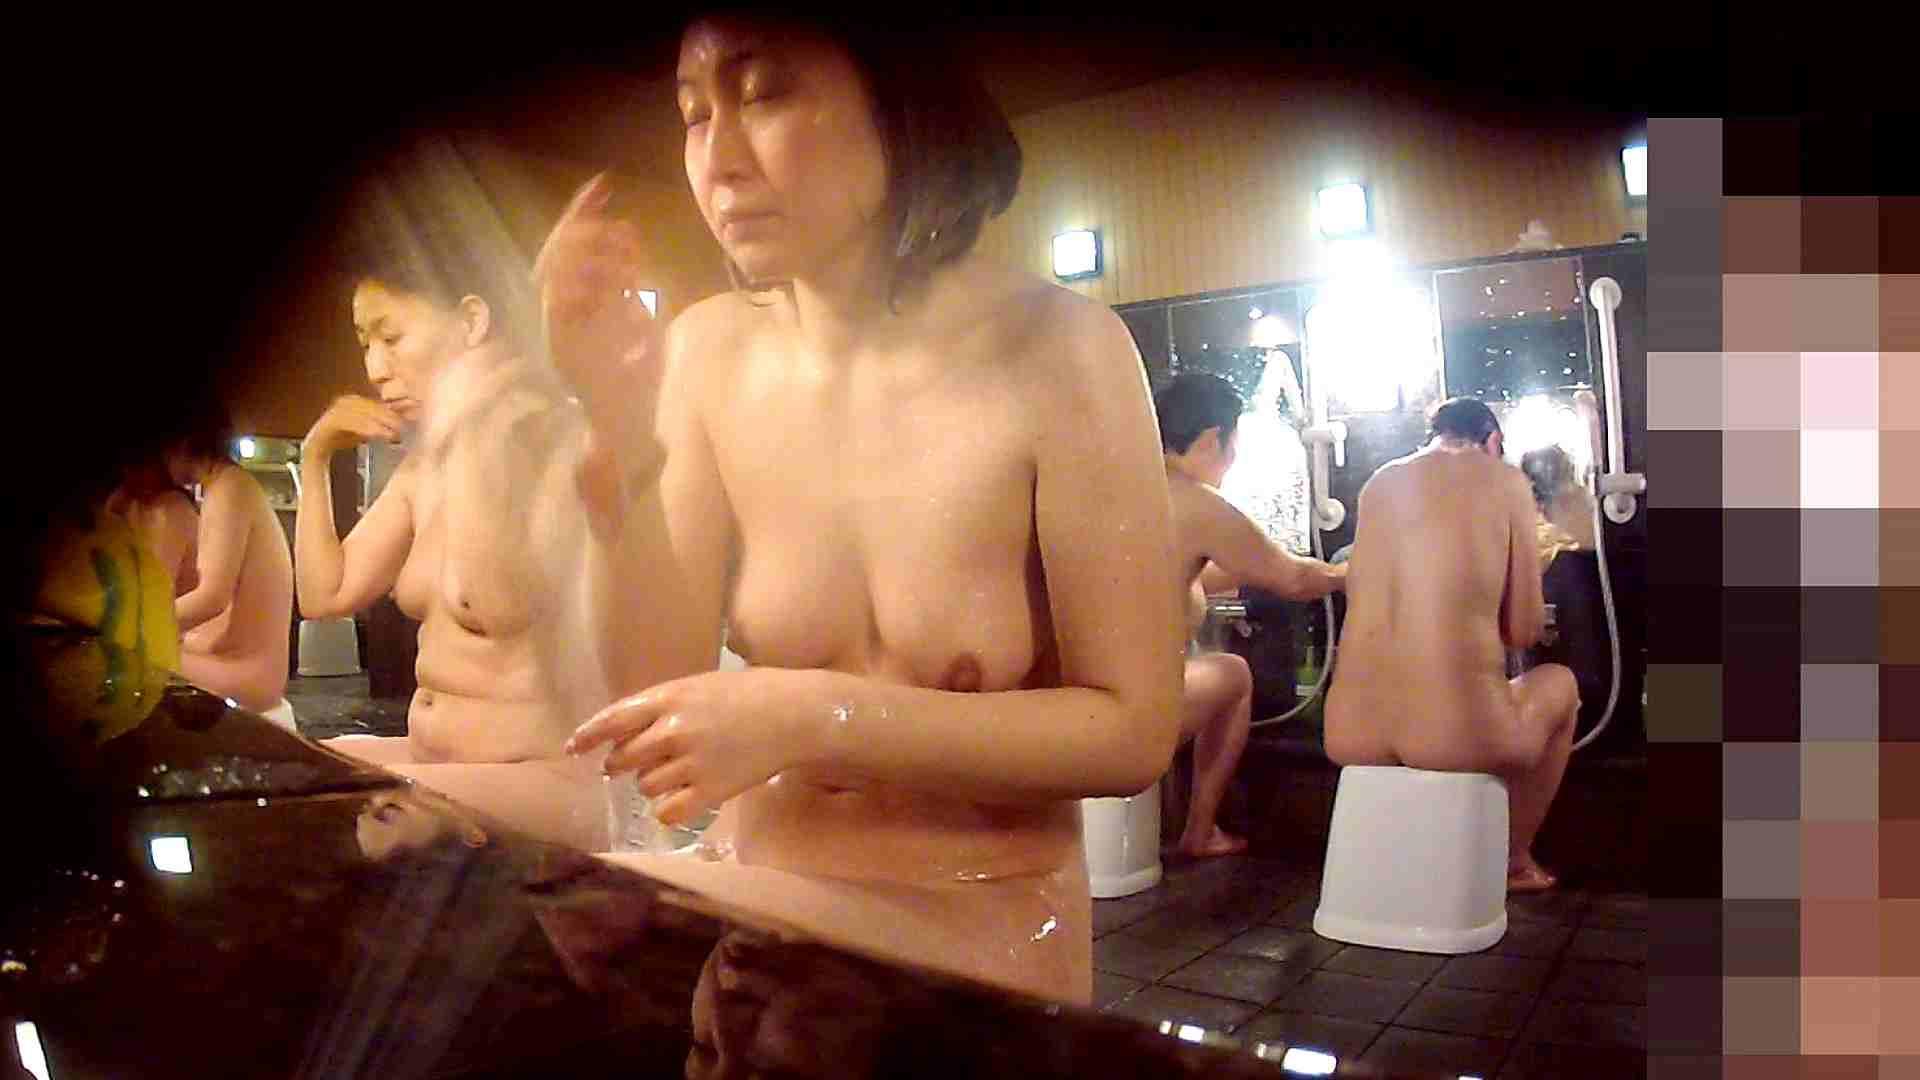 洗い場!陰毛が綺麗に整ってる微美人お嬢様 潜入  64pic 18